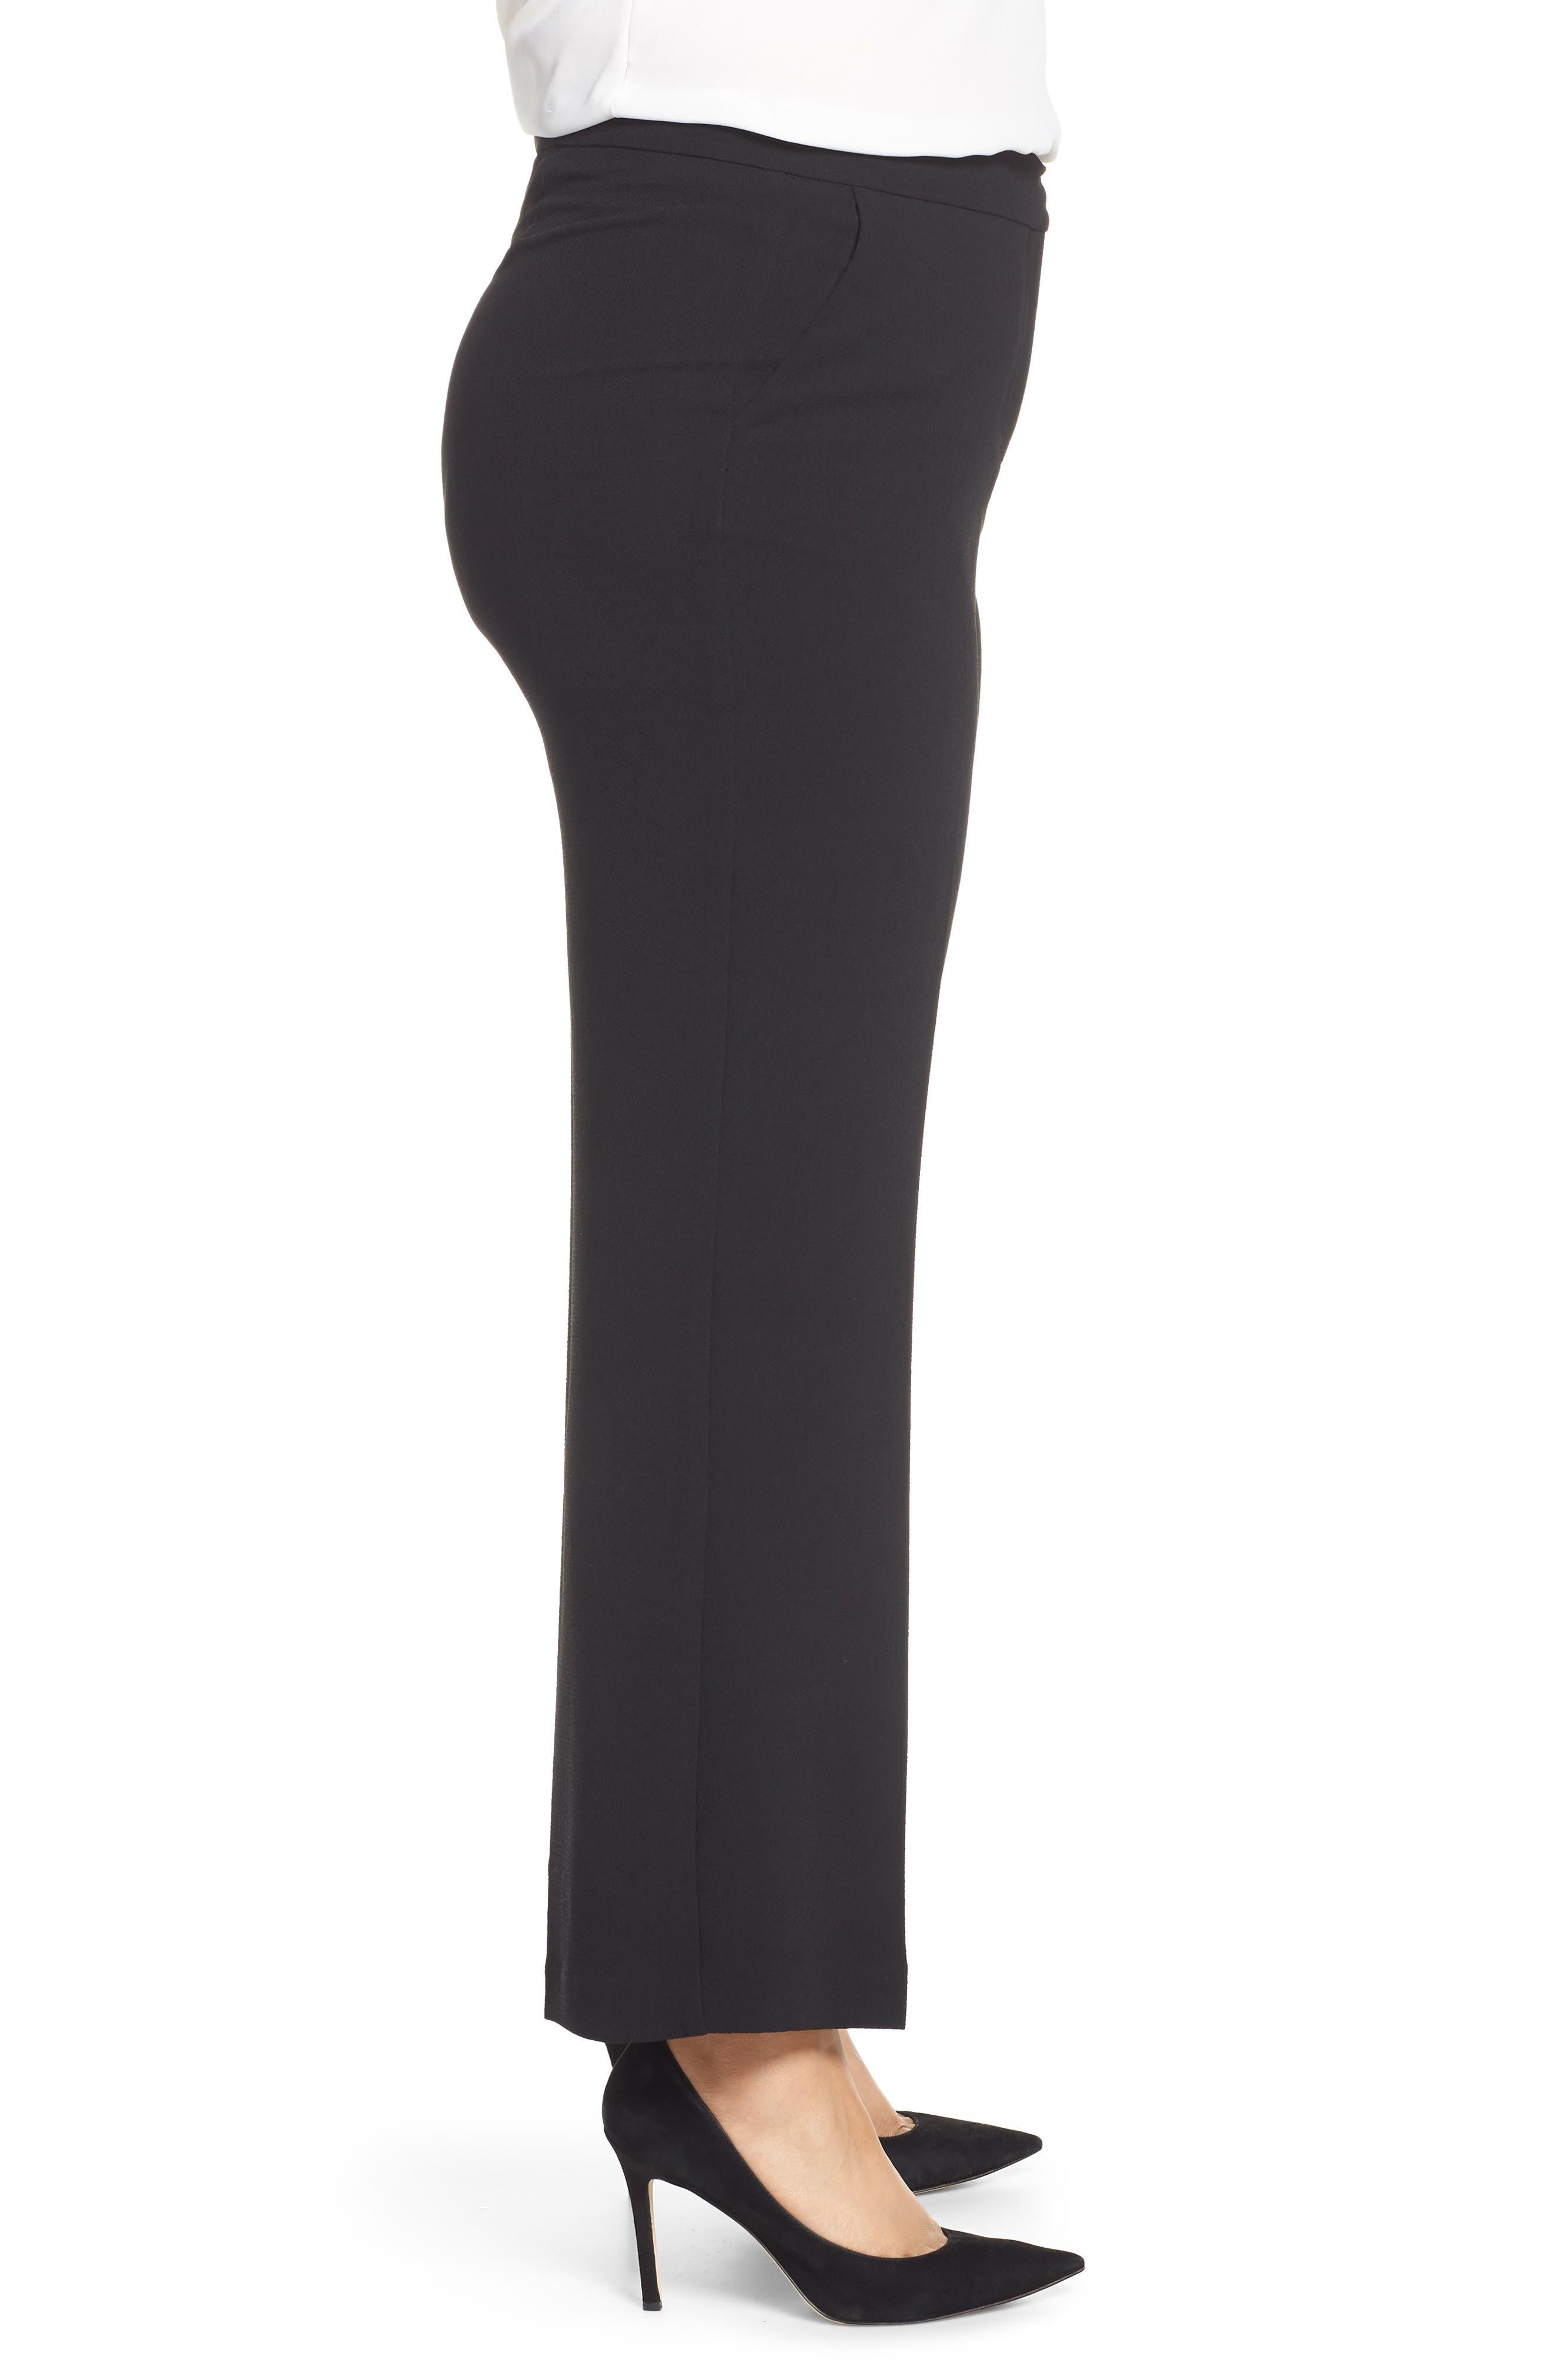 VINCE CAMUTO,                             Parisian Crepe Straight Leg Pants,                             Alternate thumbnail 4, color,                             RICH BLACK